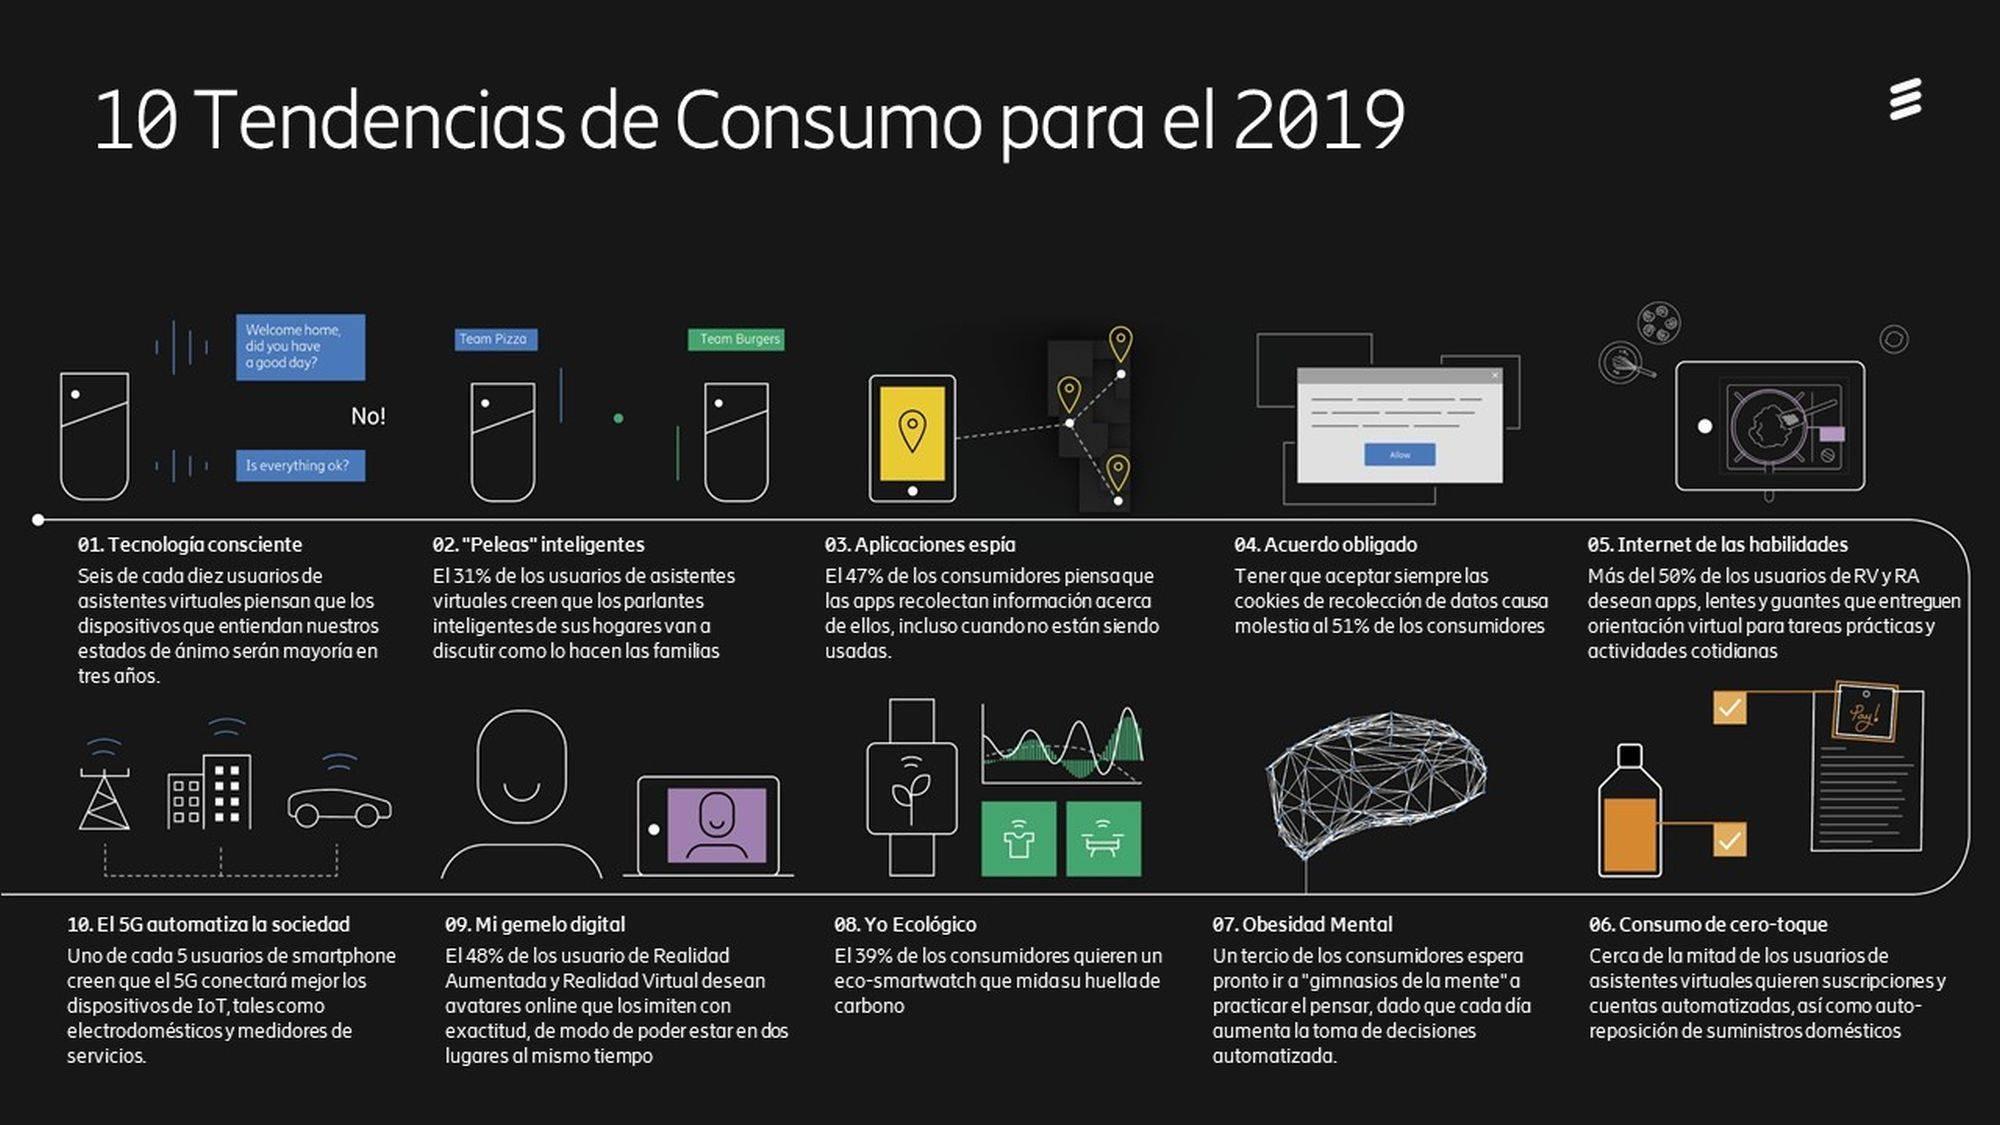 Tendencias de Consumo